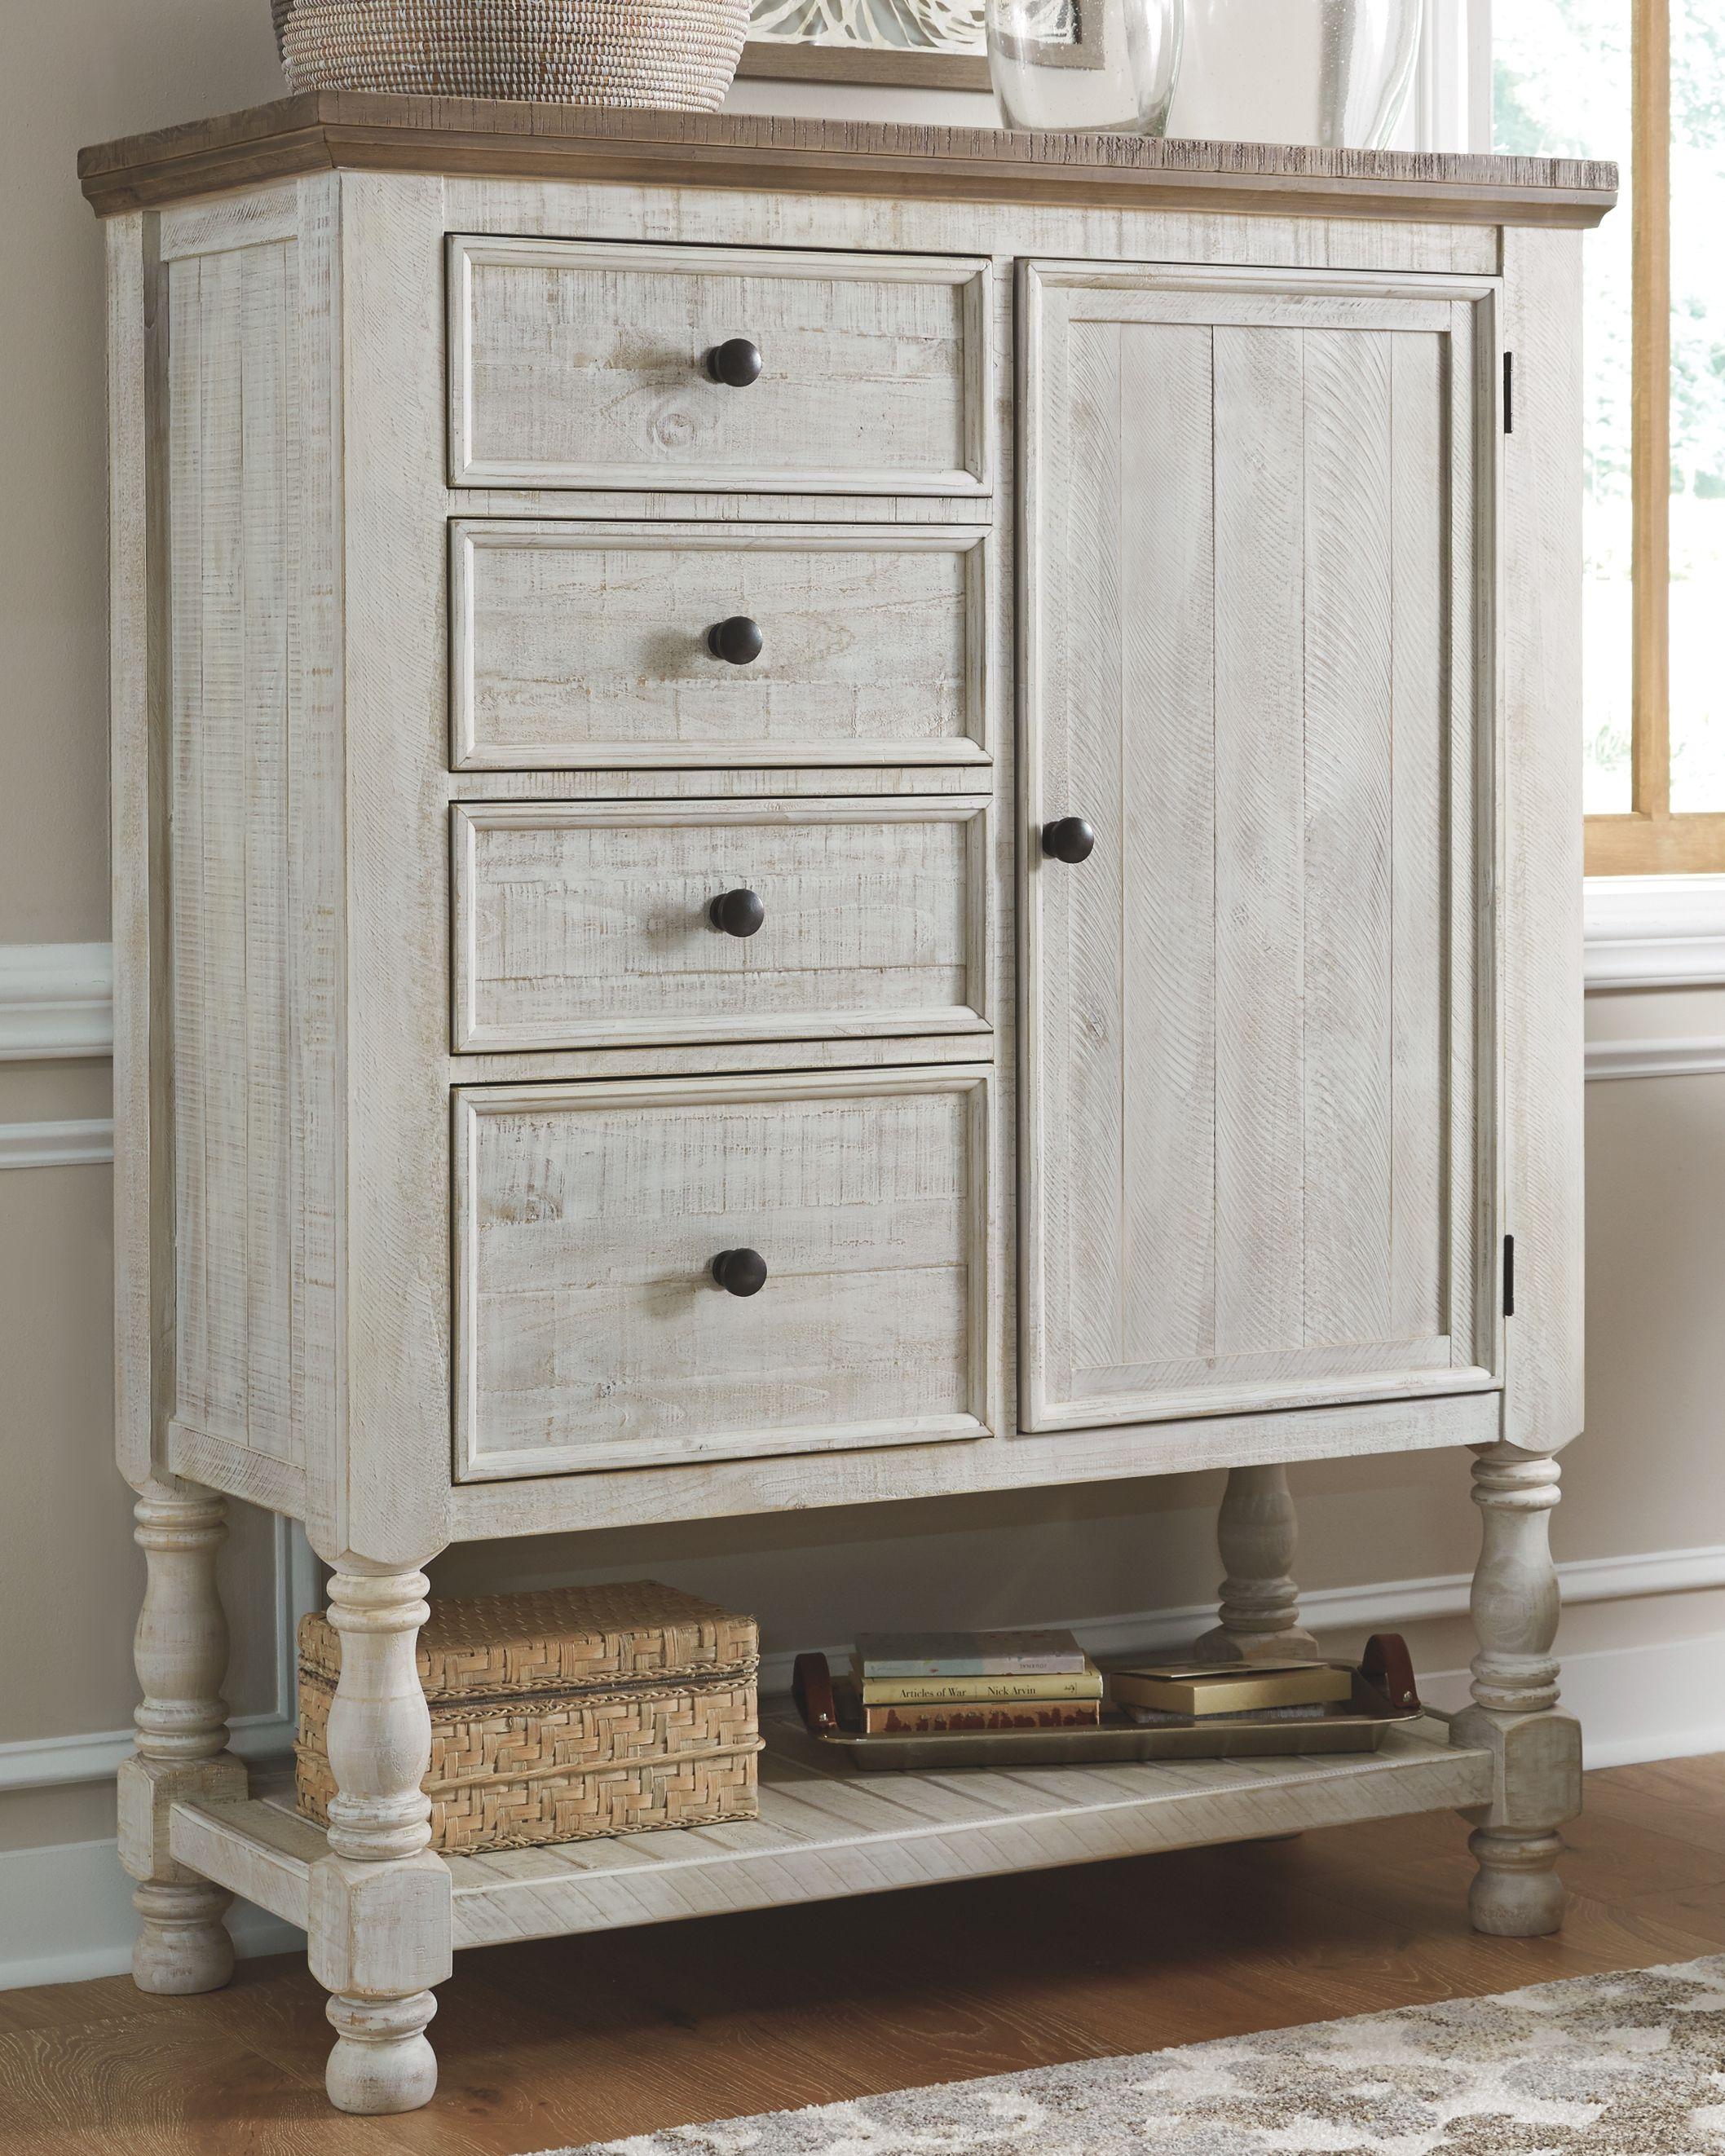 Havalance Door Chest in 2020 Storage drawers, Headboard